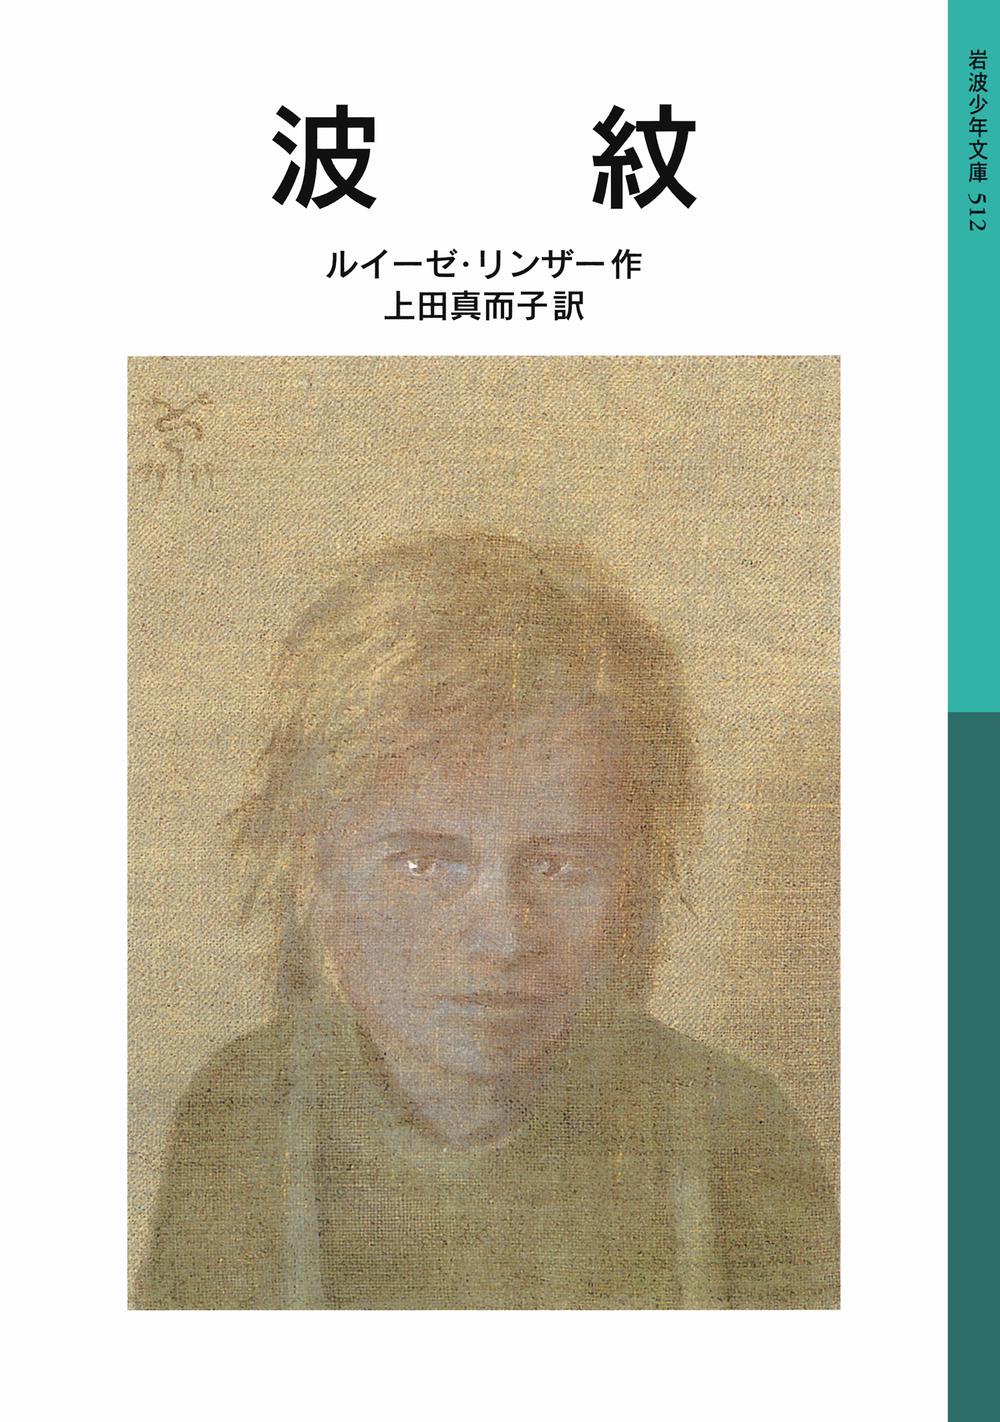 『波紋』/ルイーゼ・リンザー(著)/上田真而子(訳)/岩波書店刊(岩波少年文庫)